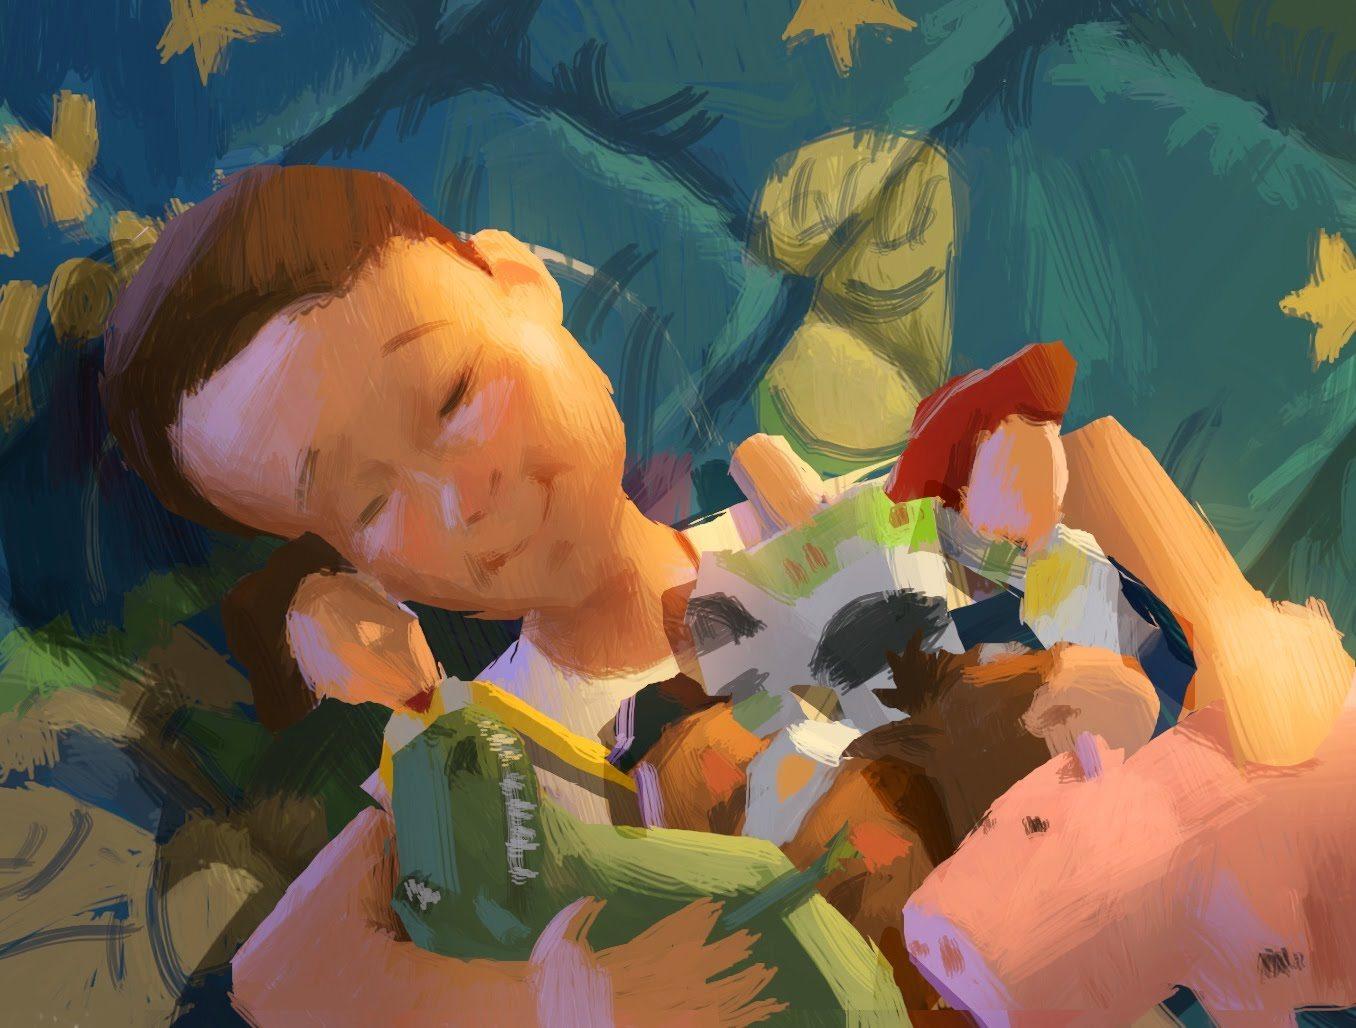 Libro El Arte de Toy Story 3 artbook - Concept Art, Diseño de Personajes y Making of